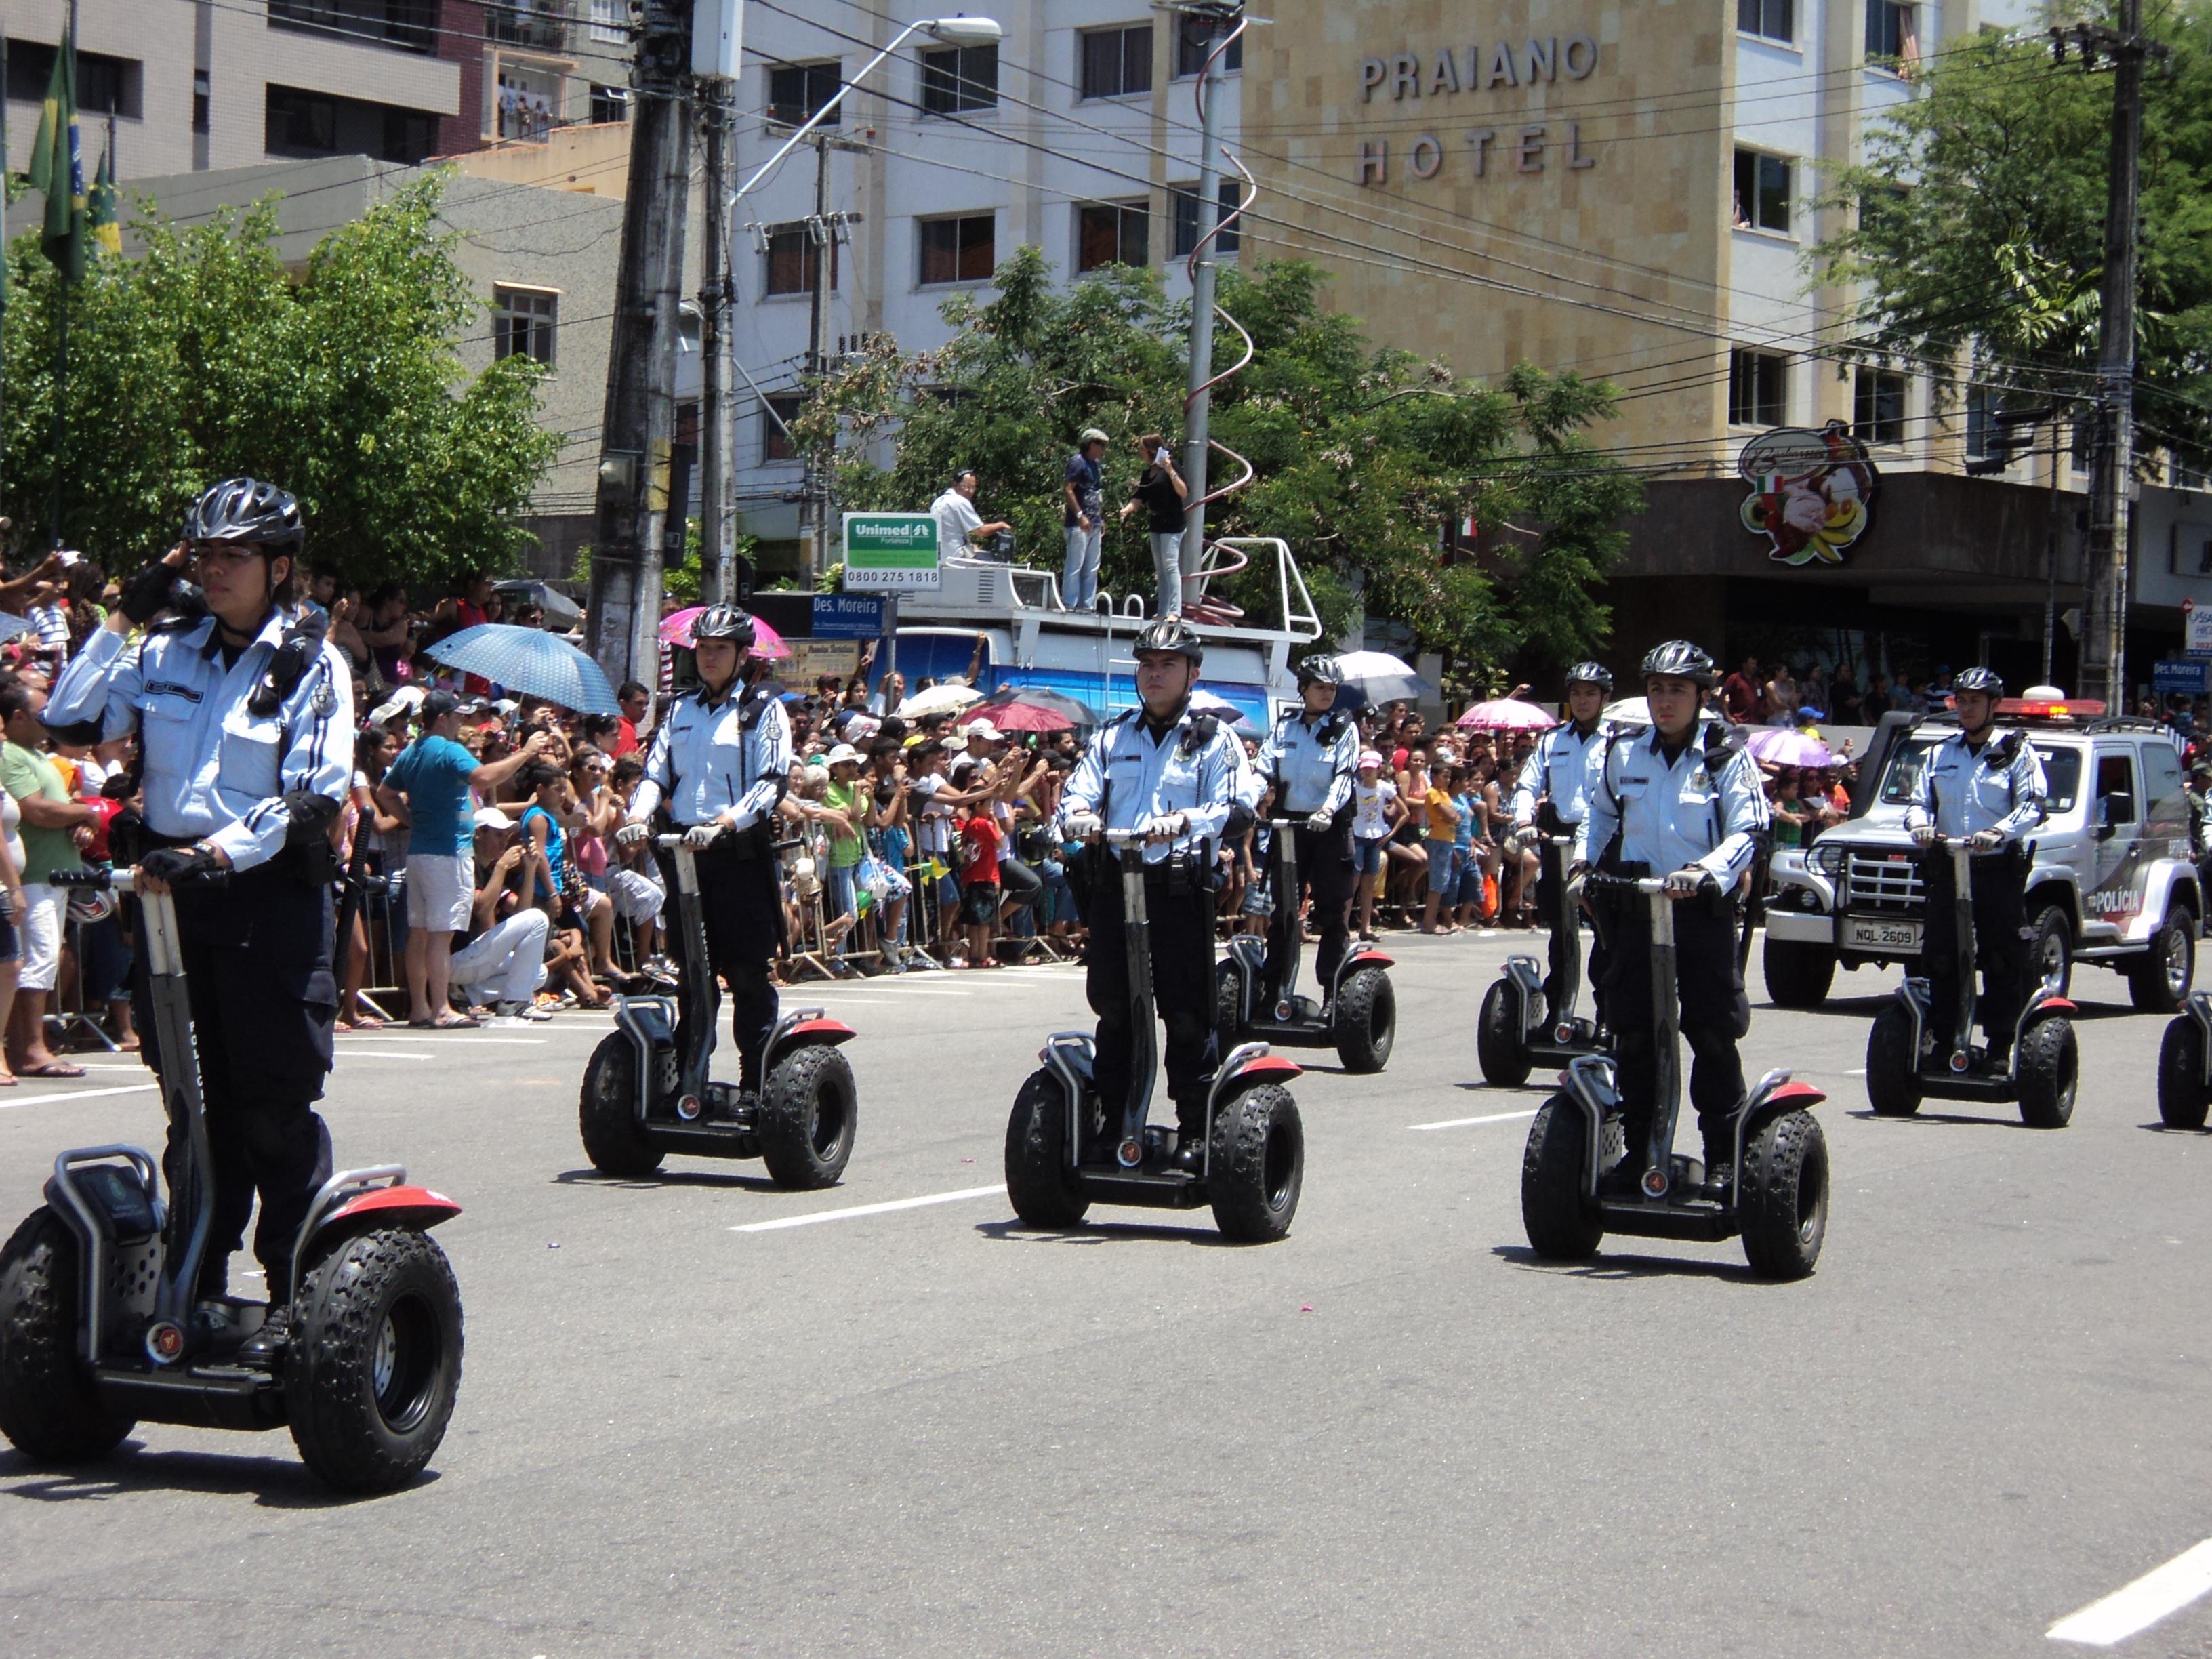 O governo do Ceará desembolsou cerca de R$ 28,5 mil por patinete. Ao todo, foram gastos R$ 285 mil para a aquisição do aparelho em 2008, que está inutilizado